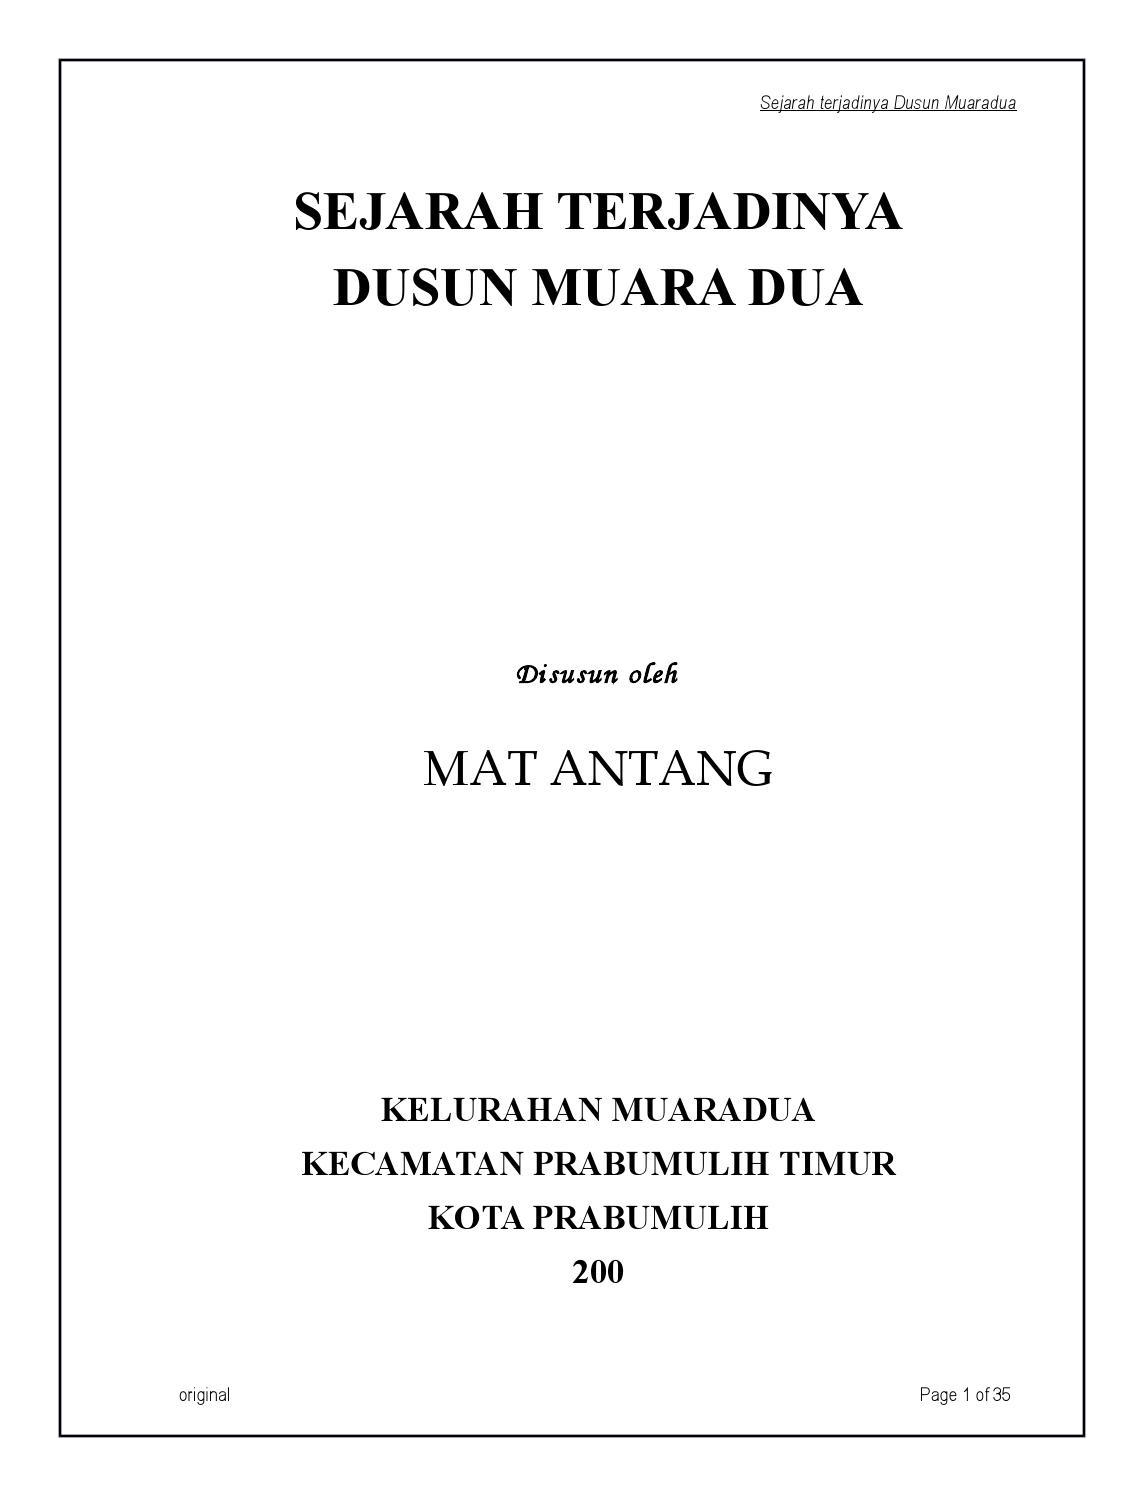 Sejarah Muara Dua Rambang By Orbansyah Johar Issuu